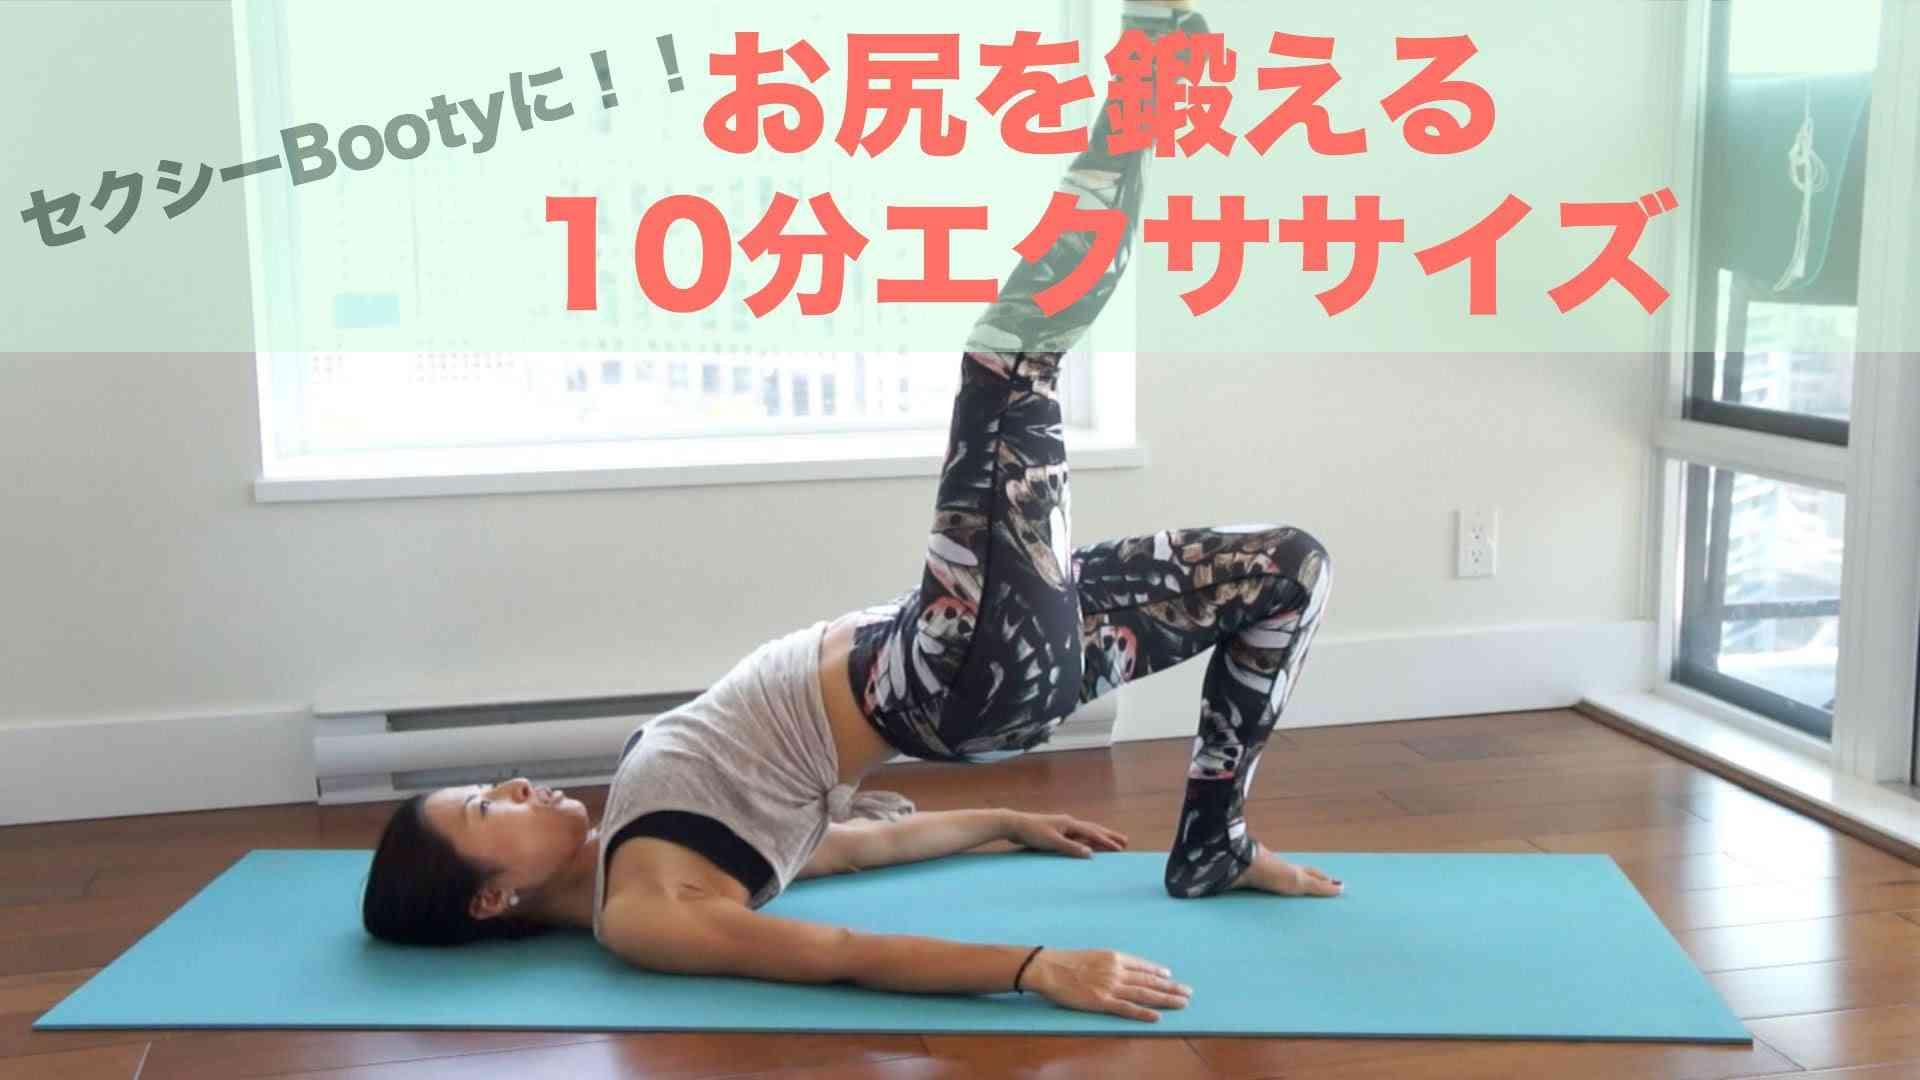 【ヒップアップヨガ】お尻を鍛える10分筋トレ - YouTube